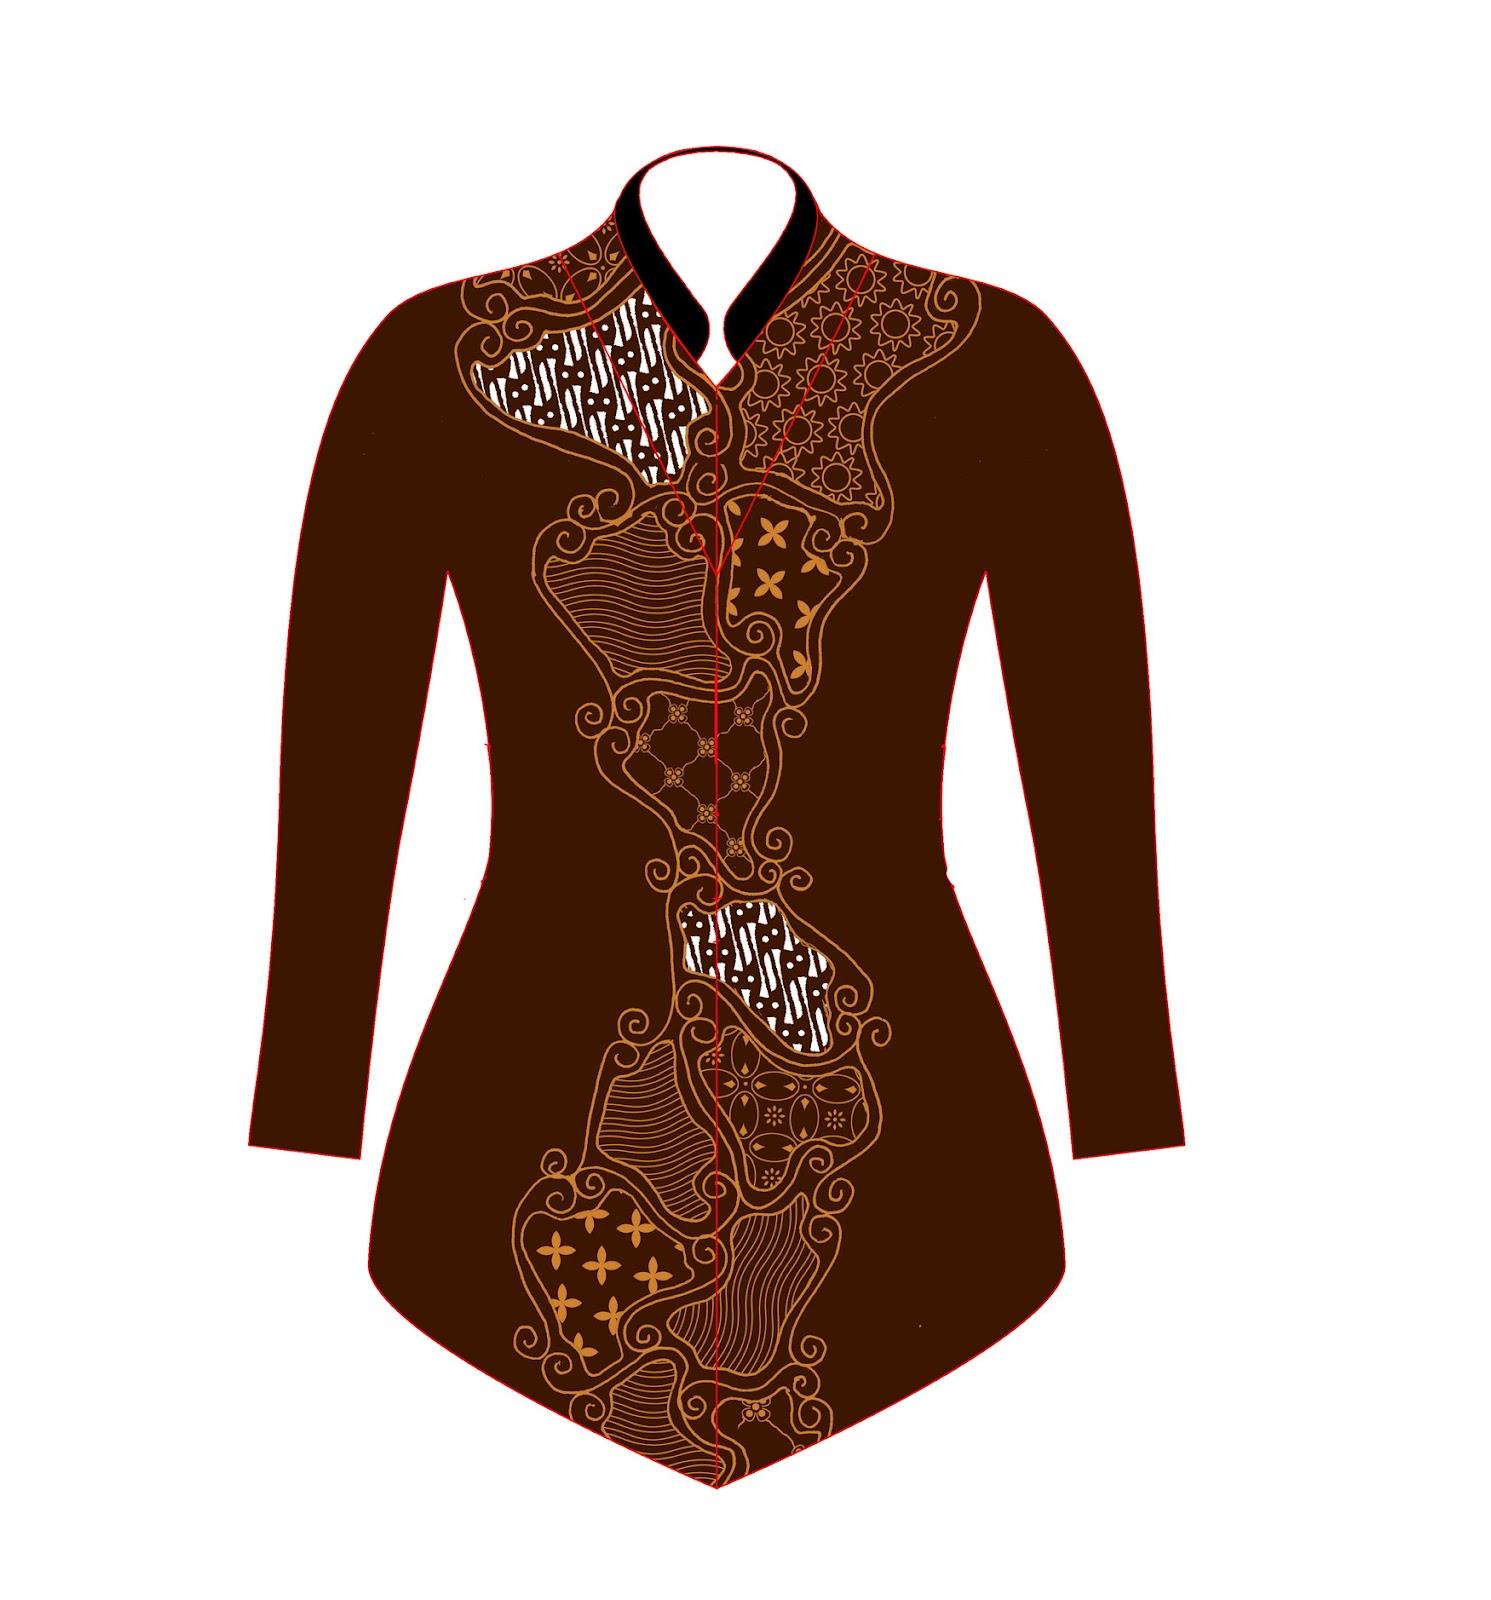 Contoh Gambar Baju Batik Modern: Desain Baju Batik